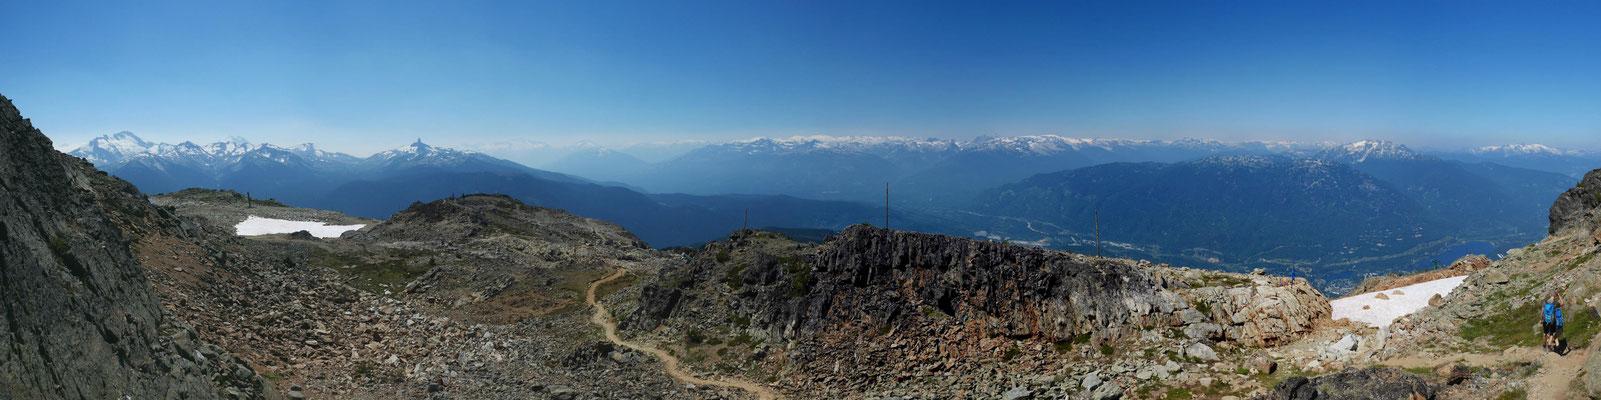 Blick Richtung Norden mit Whistler